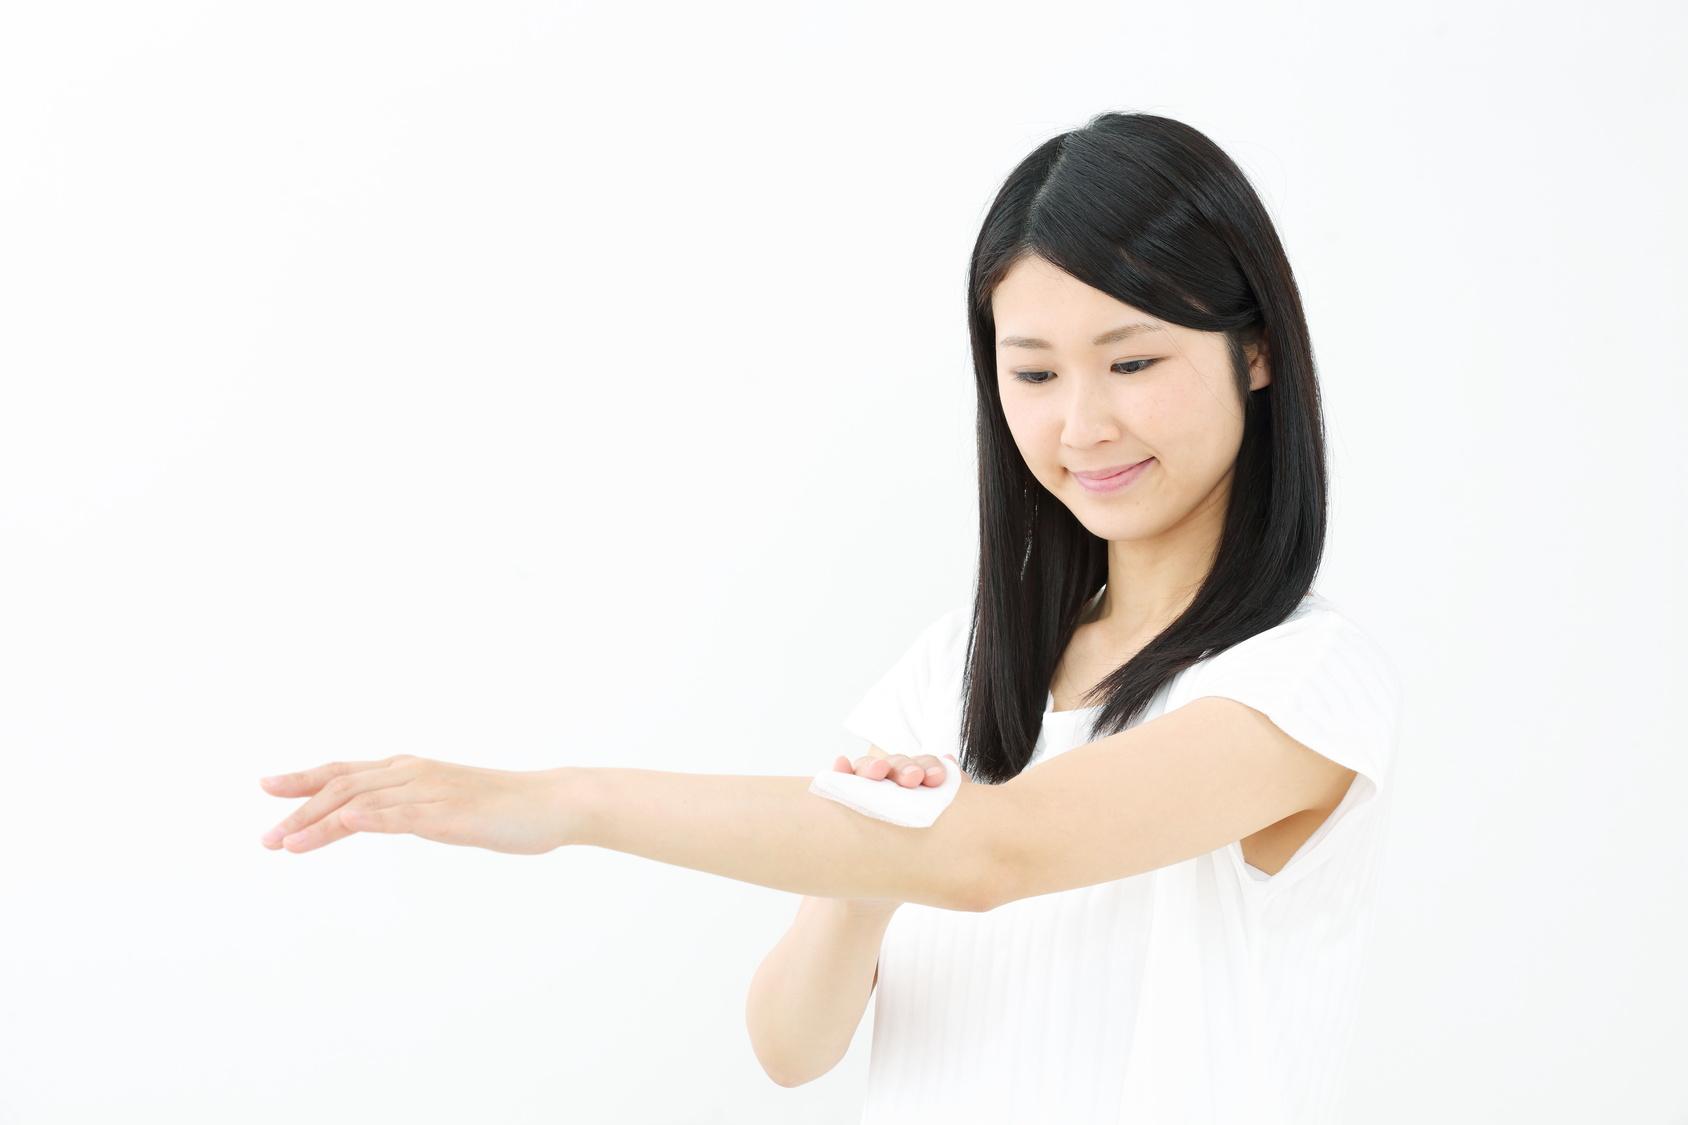 汗拭く・若い女性